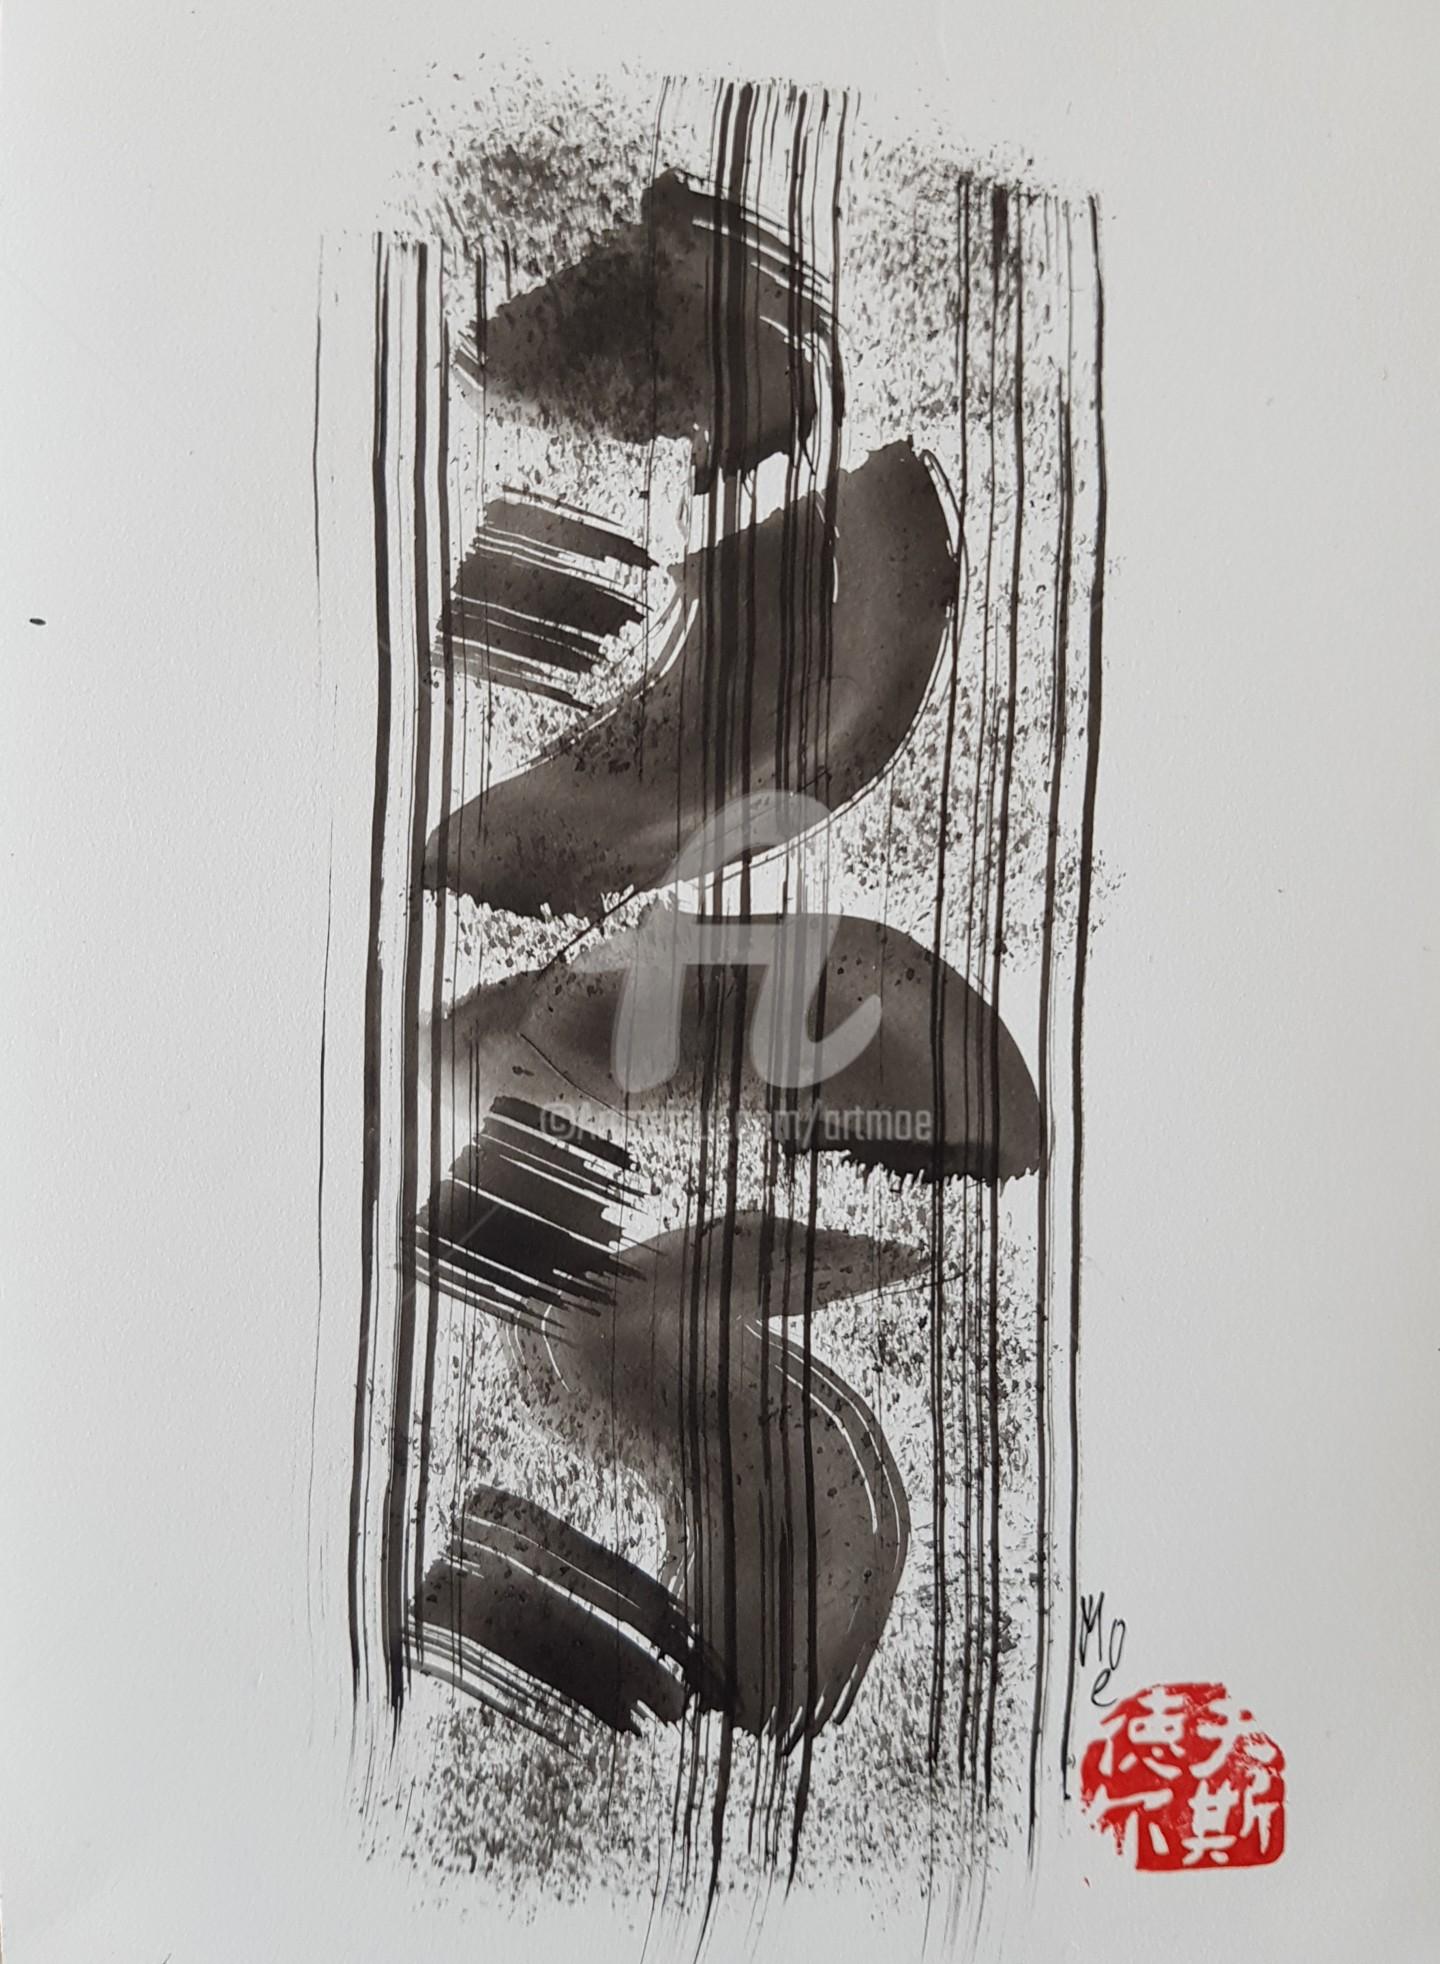 Art Moé - Sumi e Contemporary #10